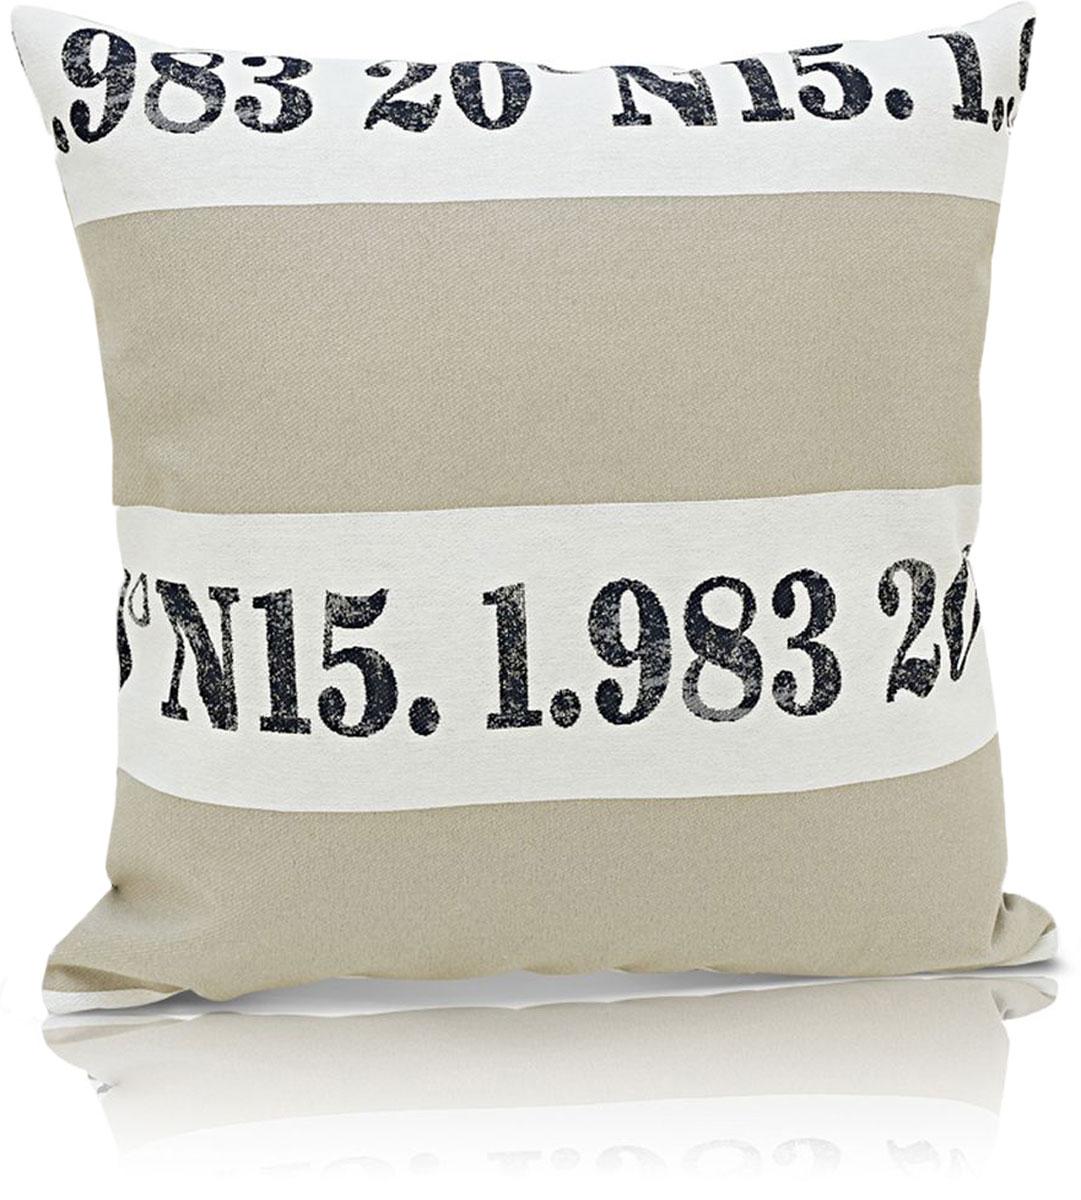 """Декоративная подушка """"Лофт"""" прекрасно дополнит интерьер спальни или гостиной. Чехол  подушки выполнен из жаккардовой ткани. Внутри находится мягкий наполнитель. Чехол  легко снимается  благодаря потайной молнии."""